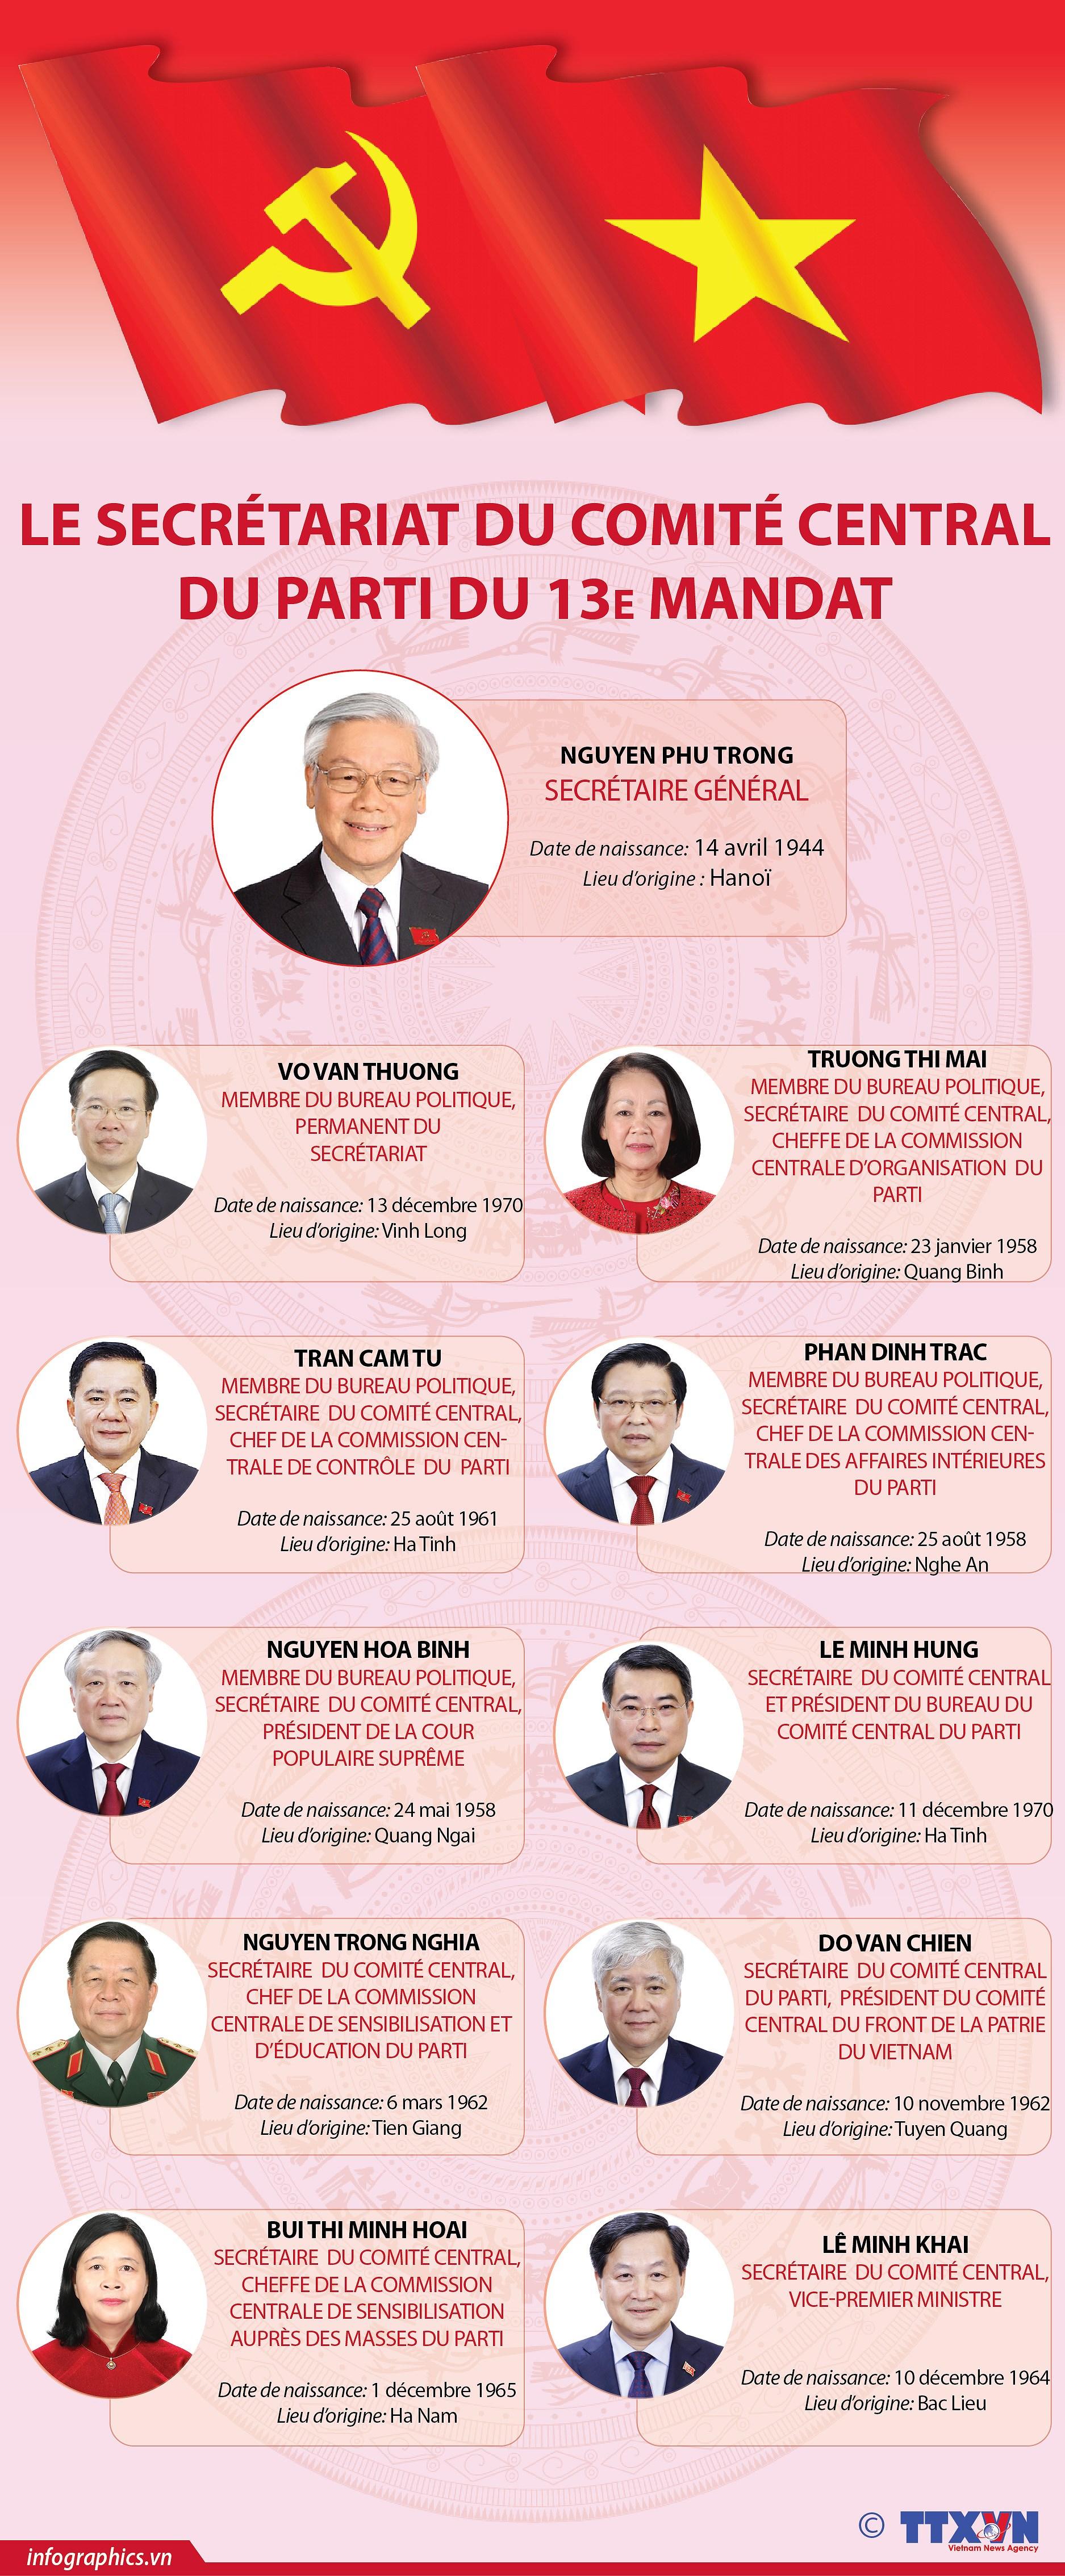 Le secretariat du Comite central du Parti du 13e mandat hinh anh 1